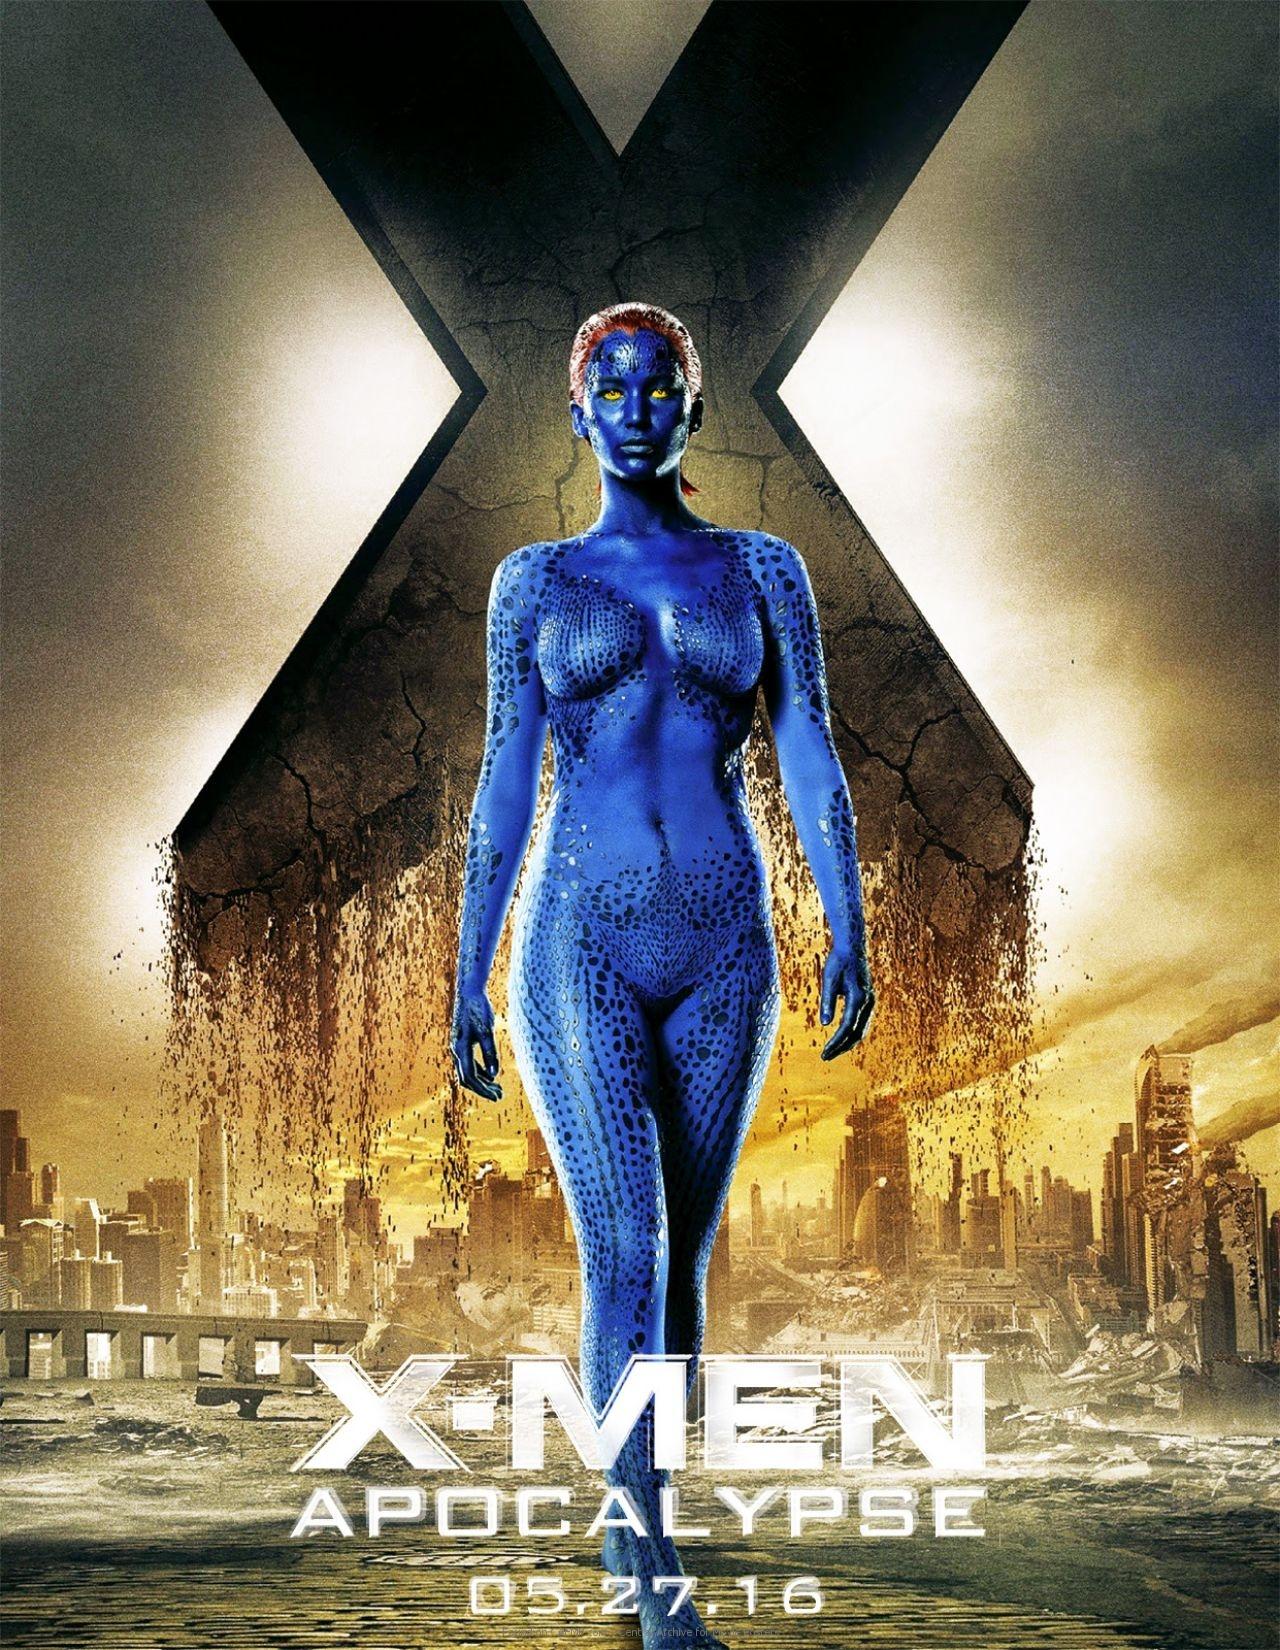 movie poster 187jennifer lawrence is mystique171 on cafmp